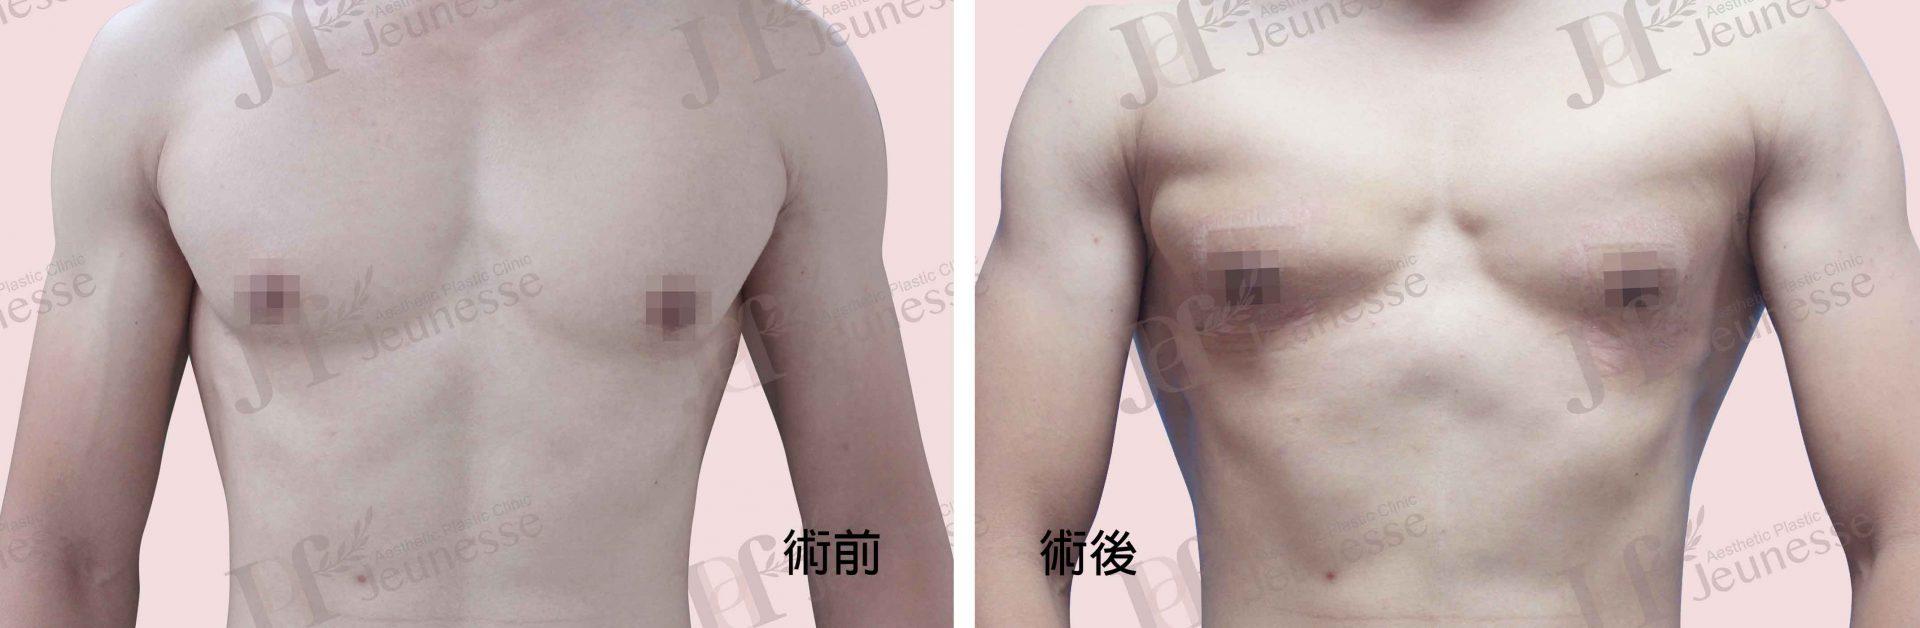 女乳症case1 正面-浮水印